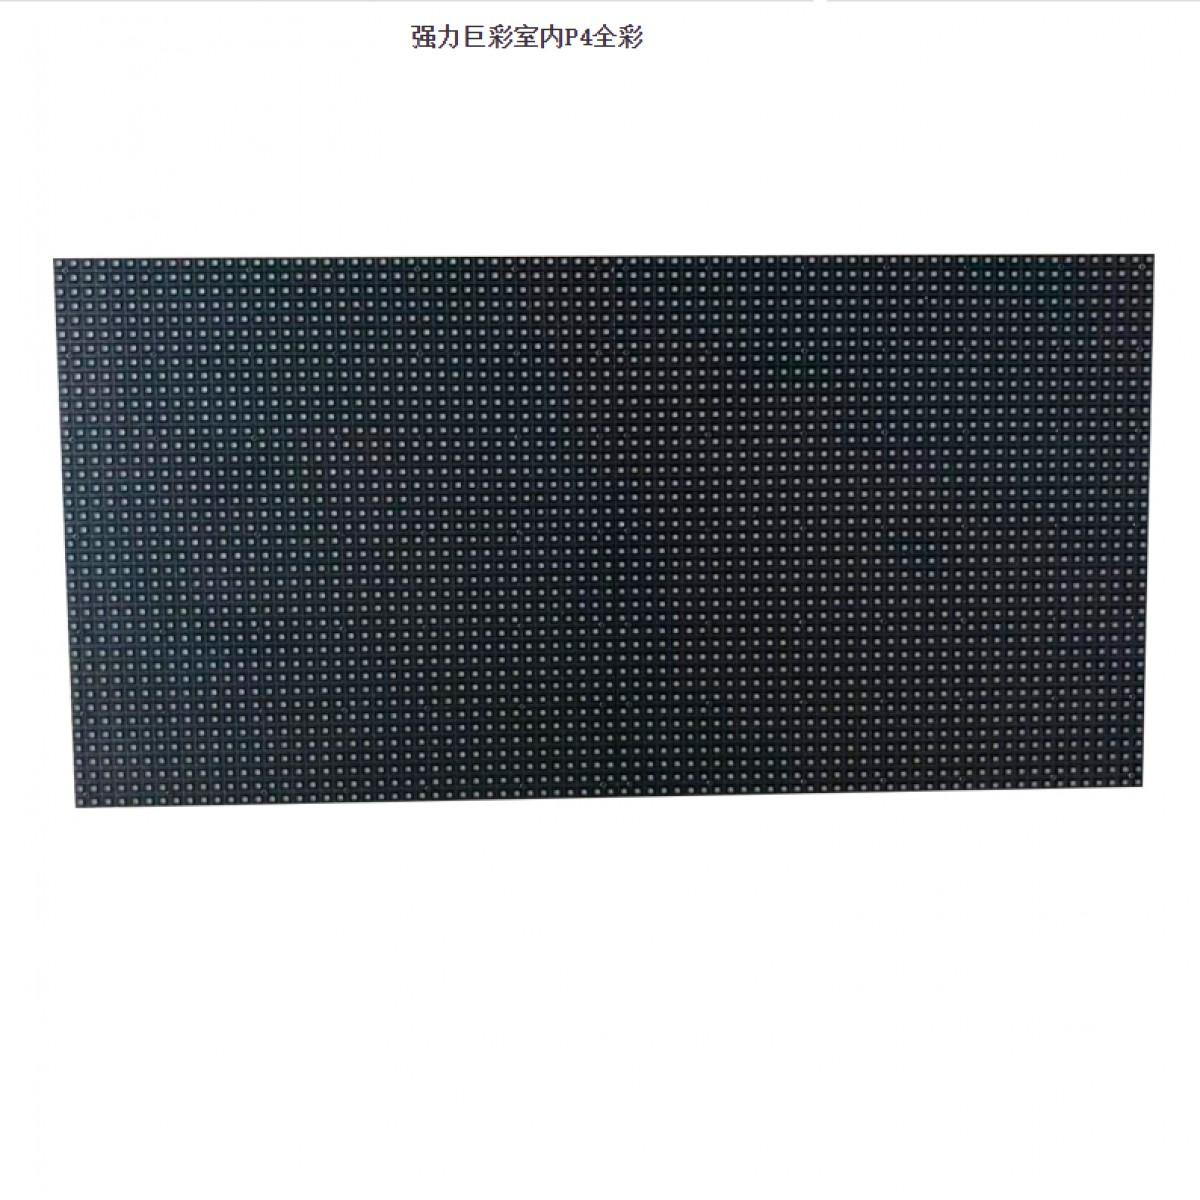 室内P4.75双色单板分辨率单板尺寸扫描方式